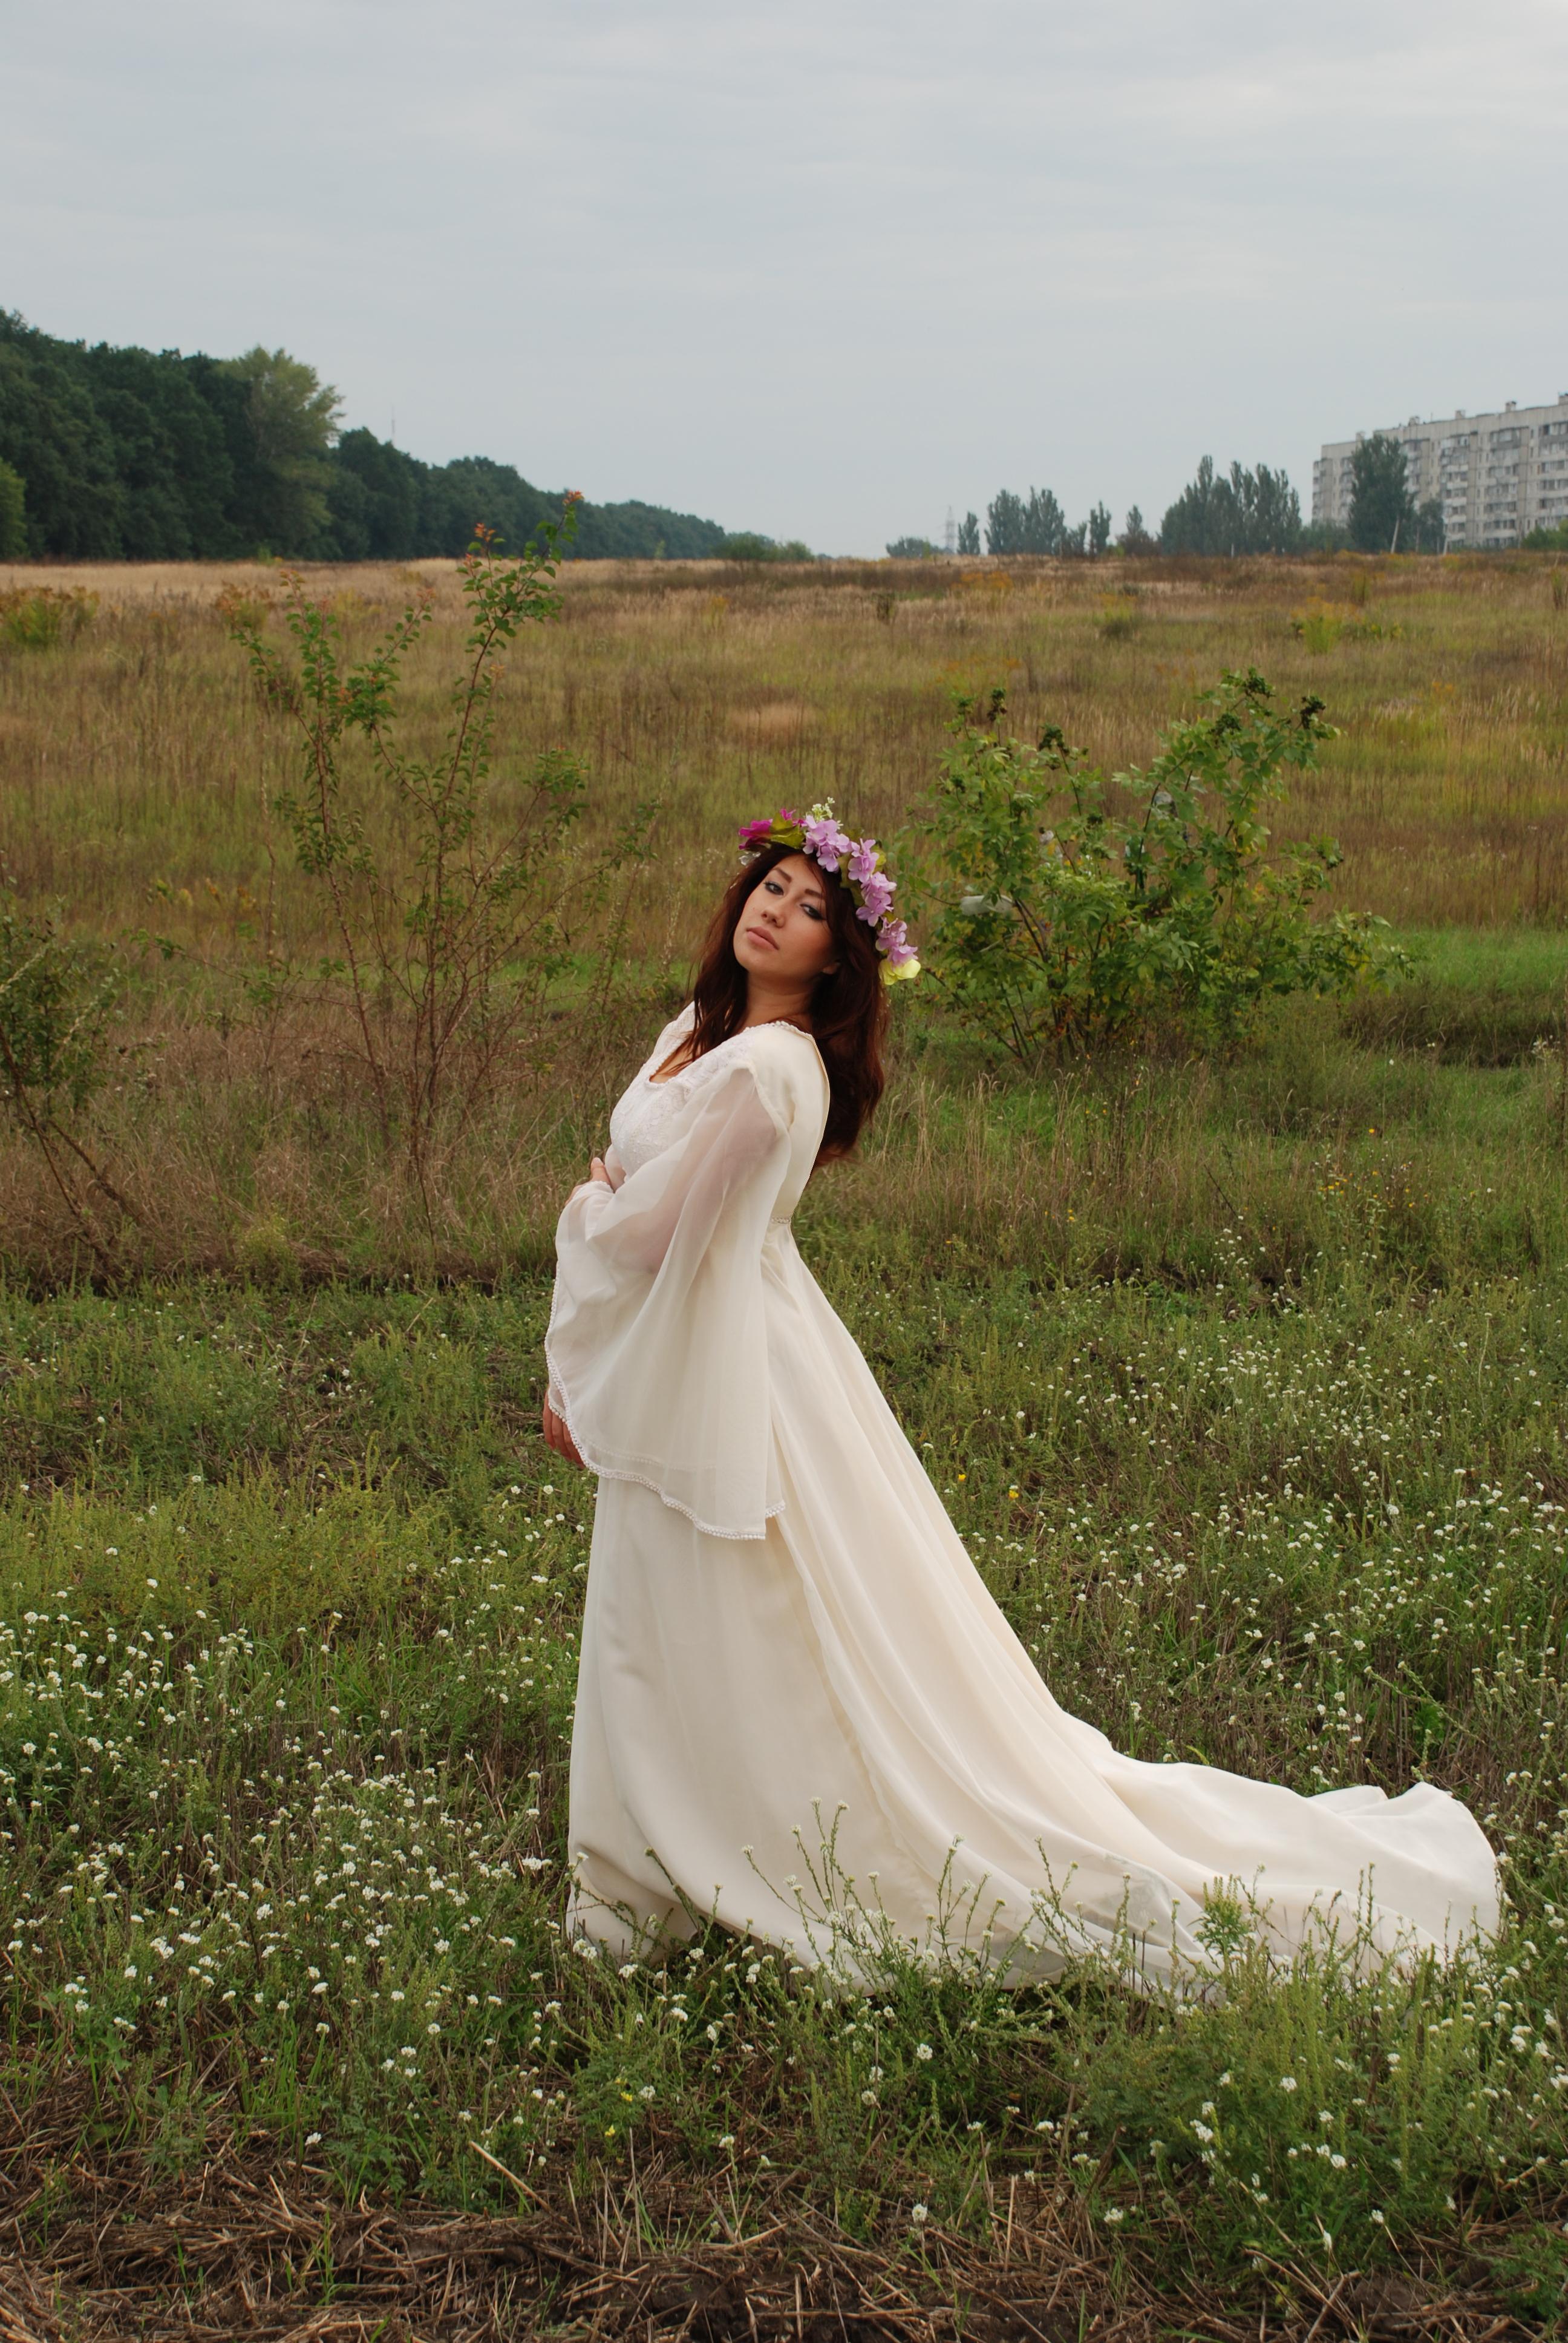 In the flower meadow_1 by anastasiya-landa